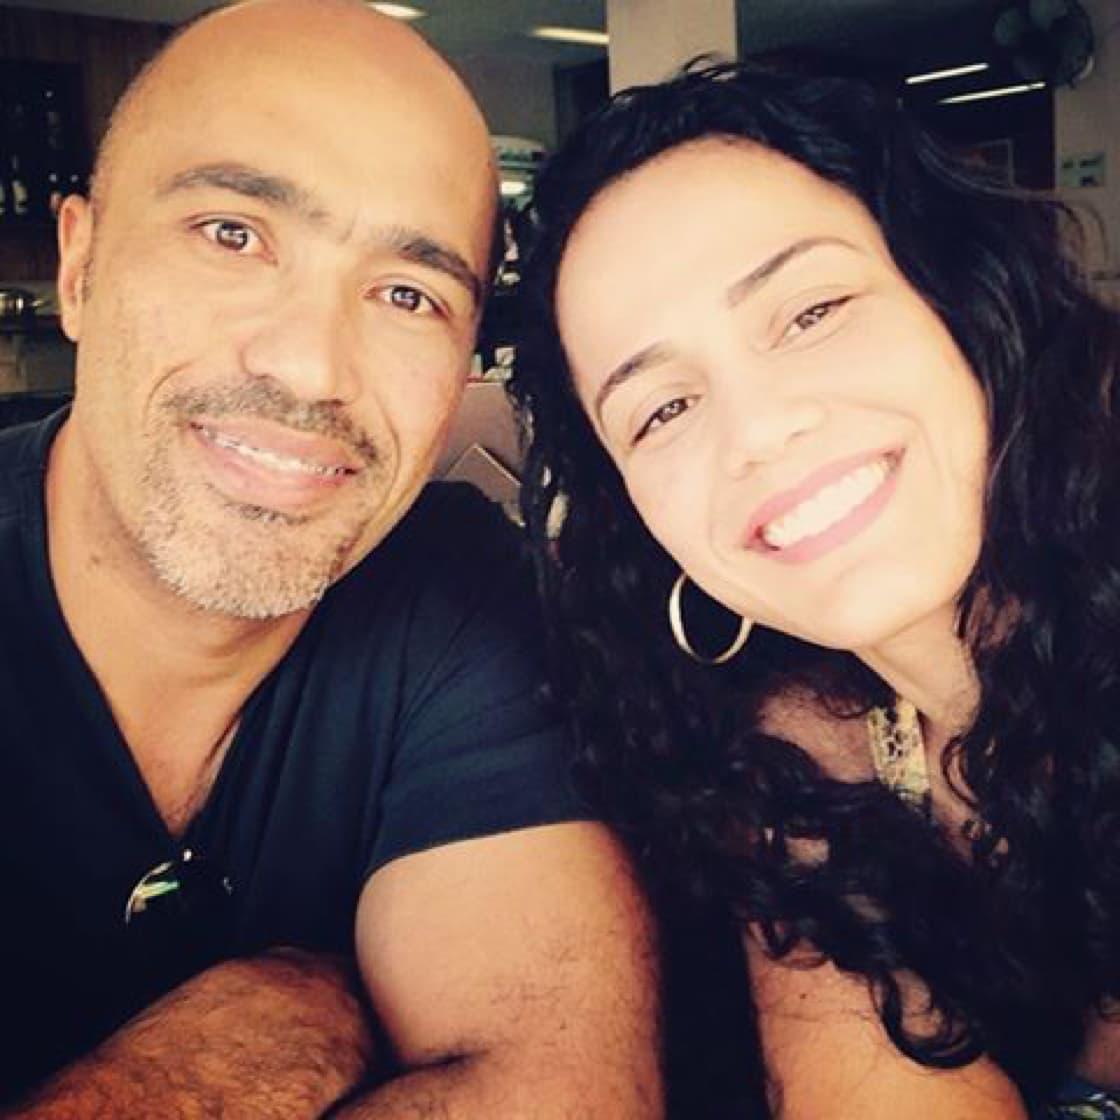 Francisco Filho's with Renata Borba